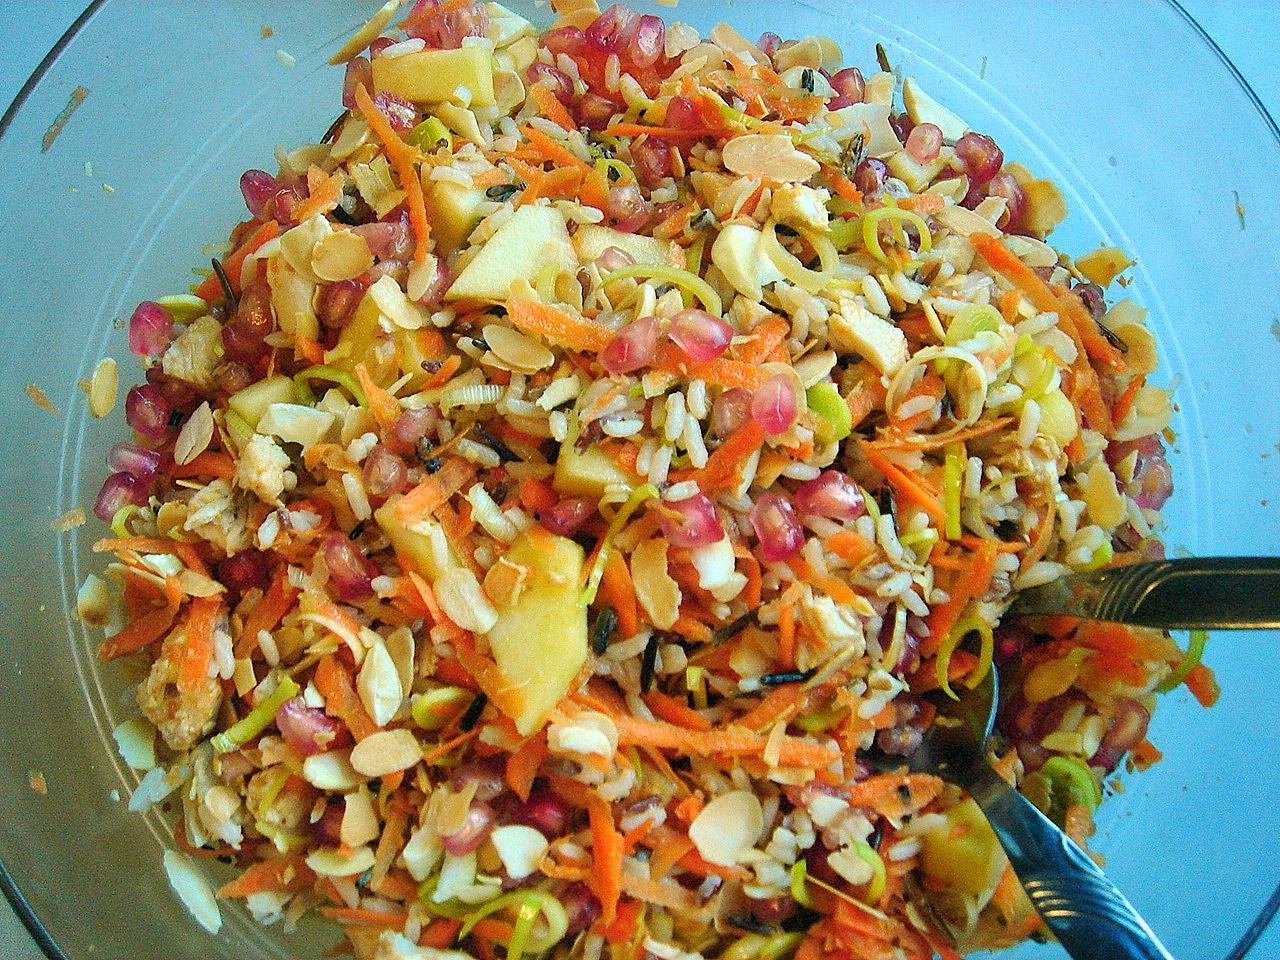 La cocina de marianne ensalada de arroz con pollo y granada - Ensalada de arroz light ...